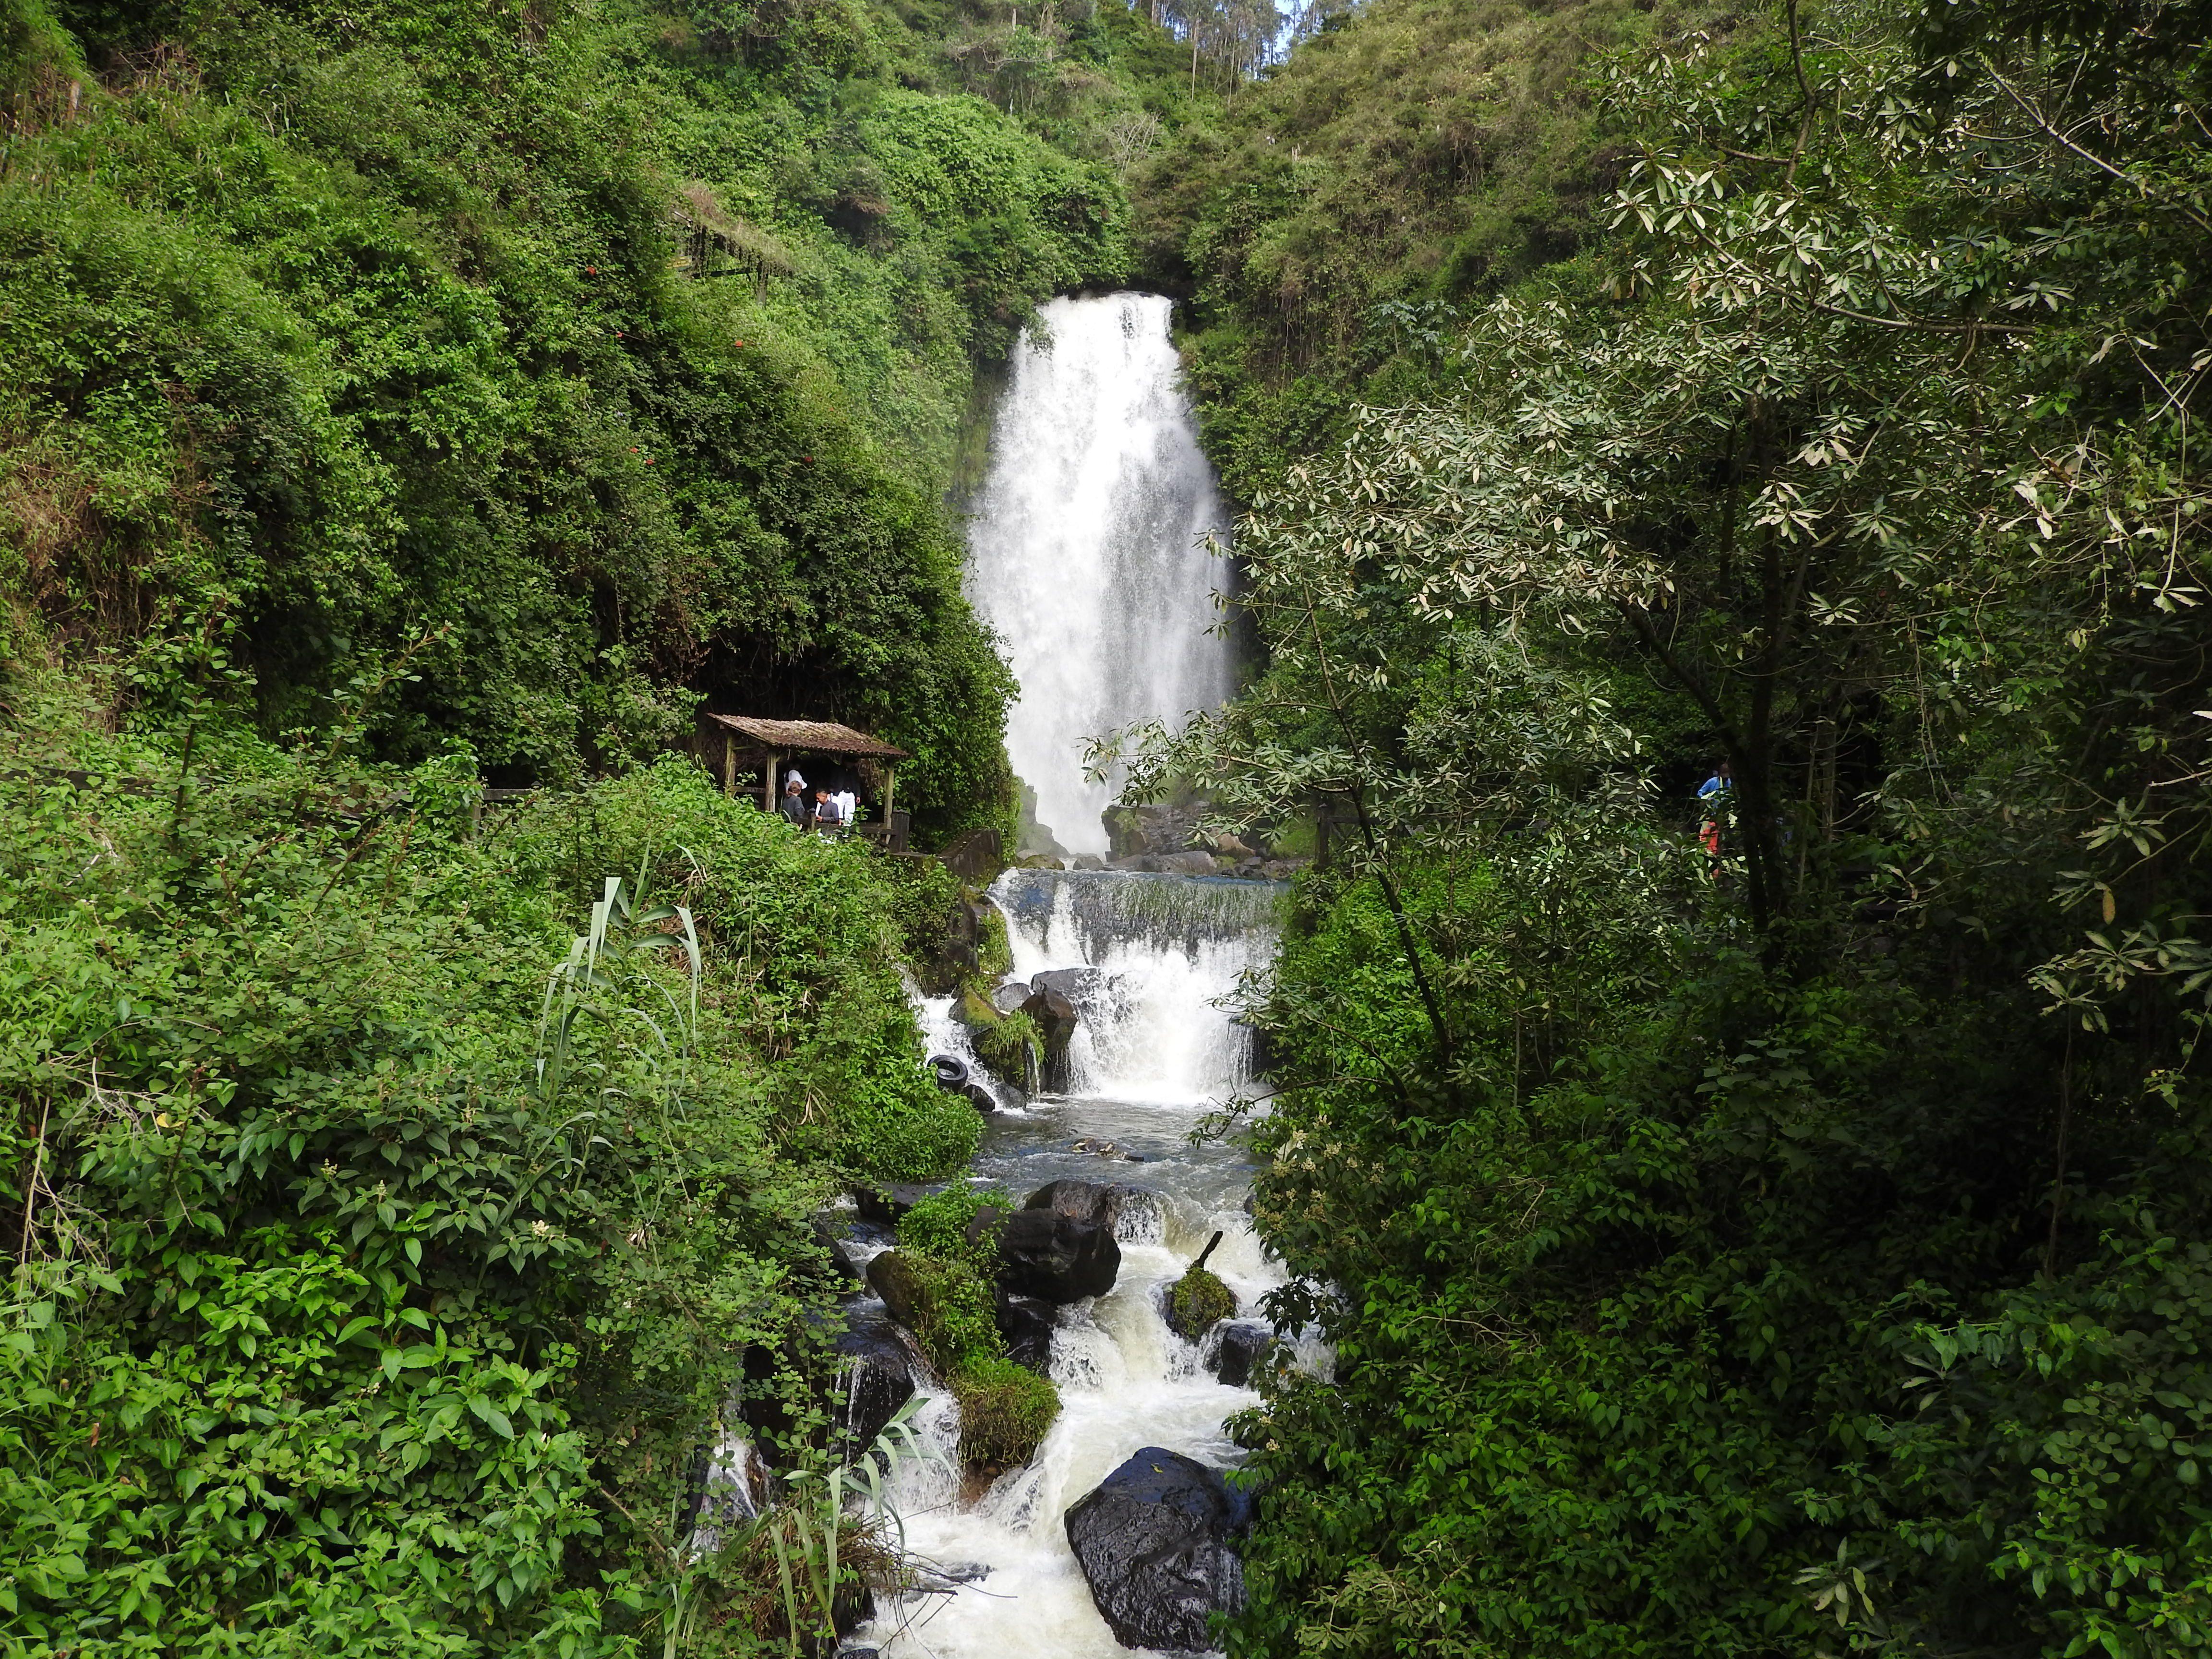 Copy of Pechuga waterfall